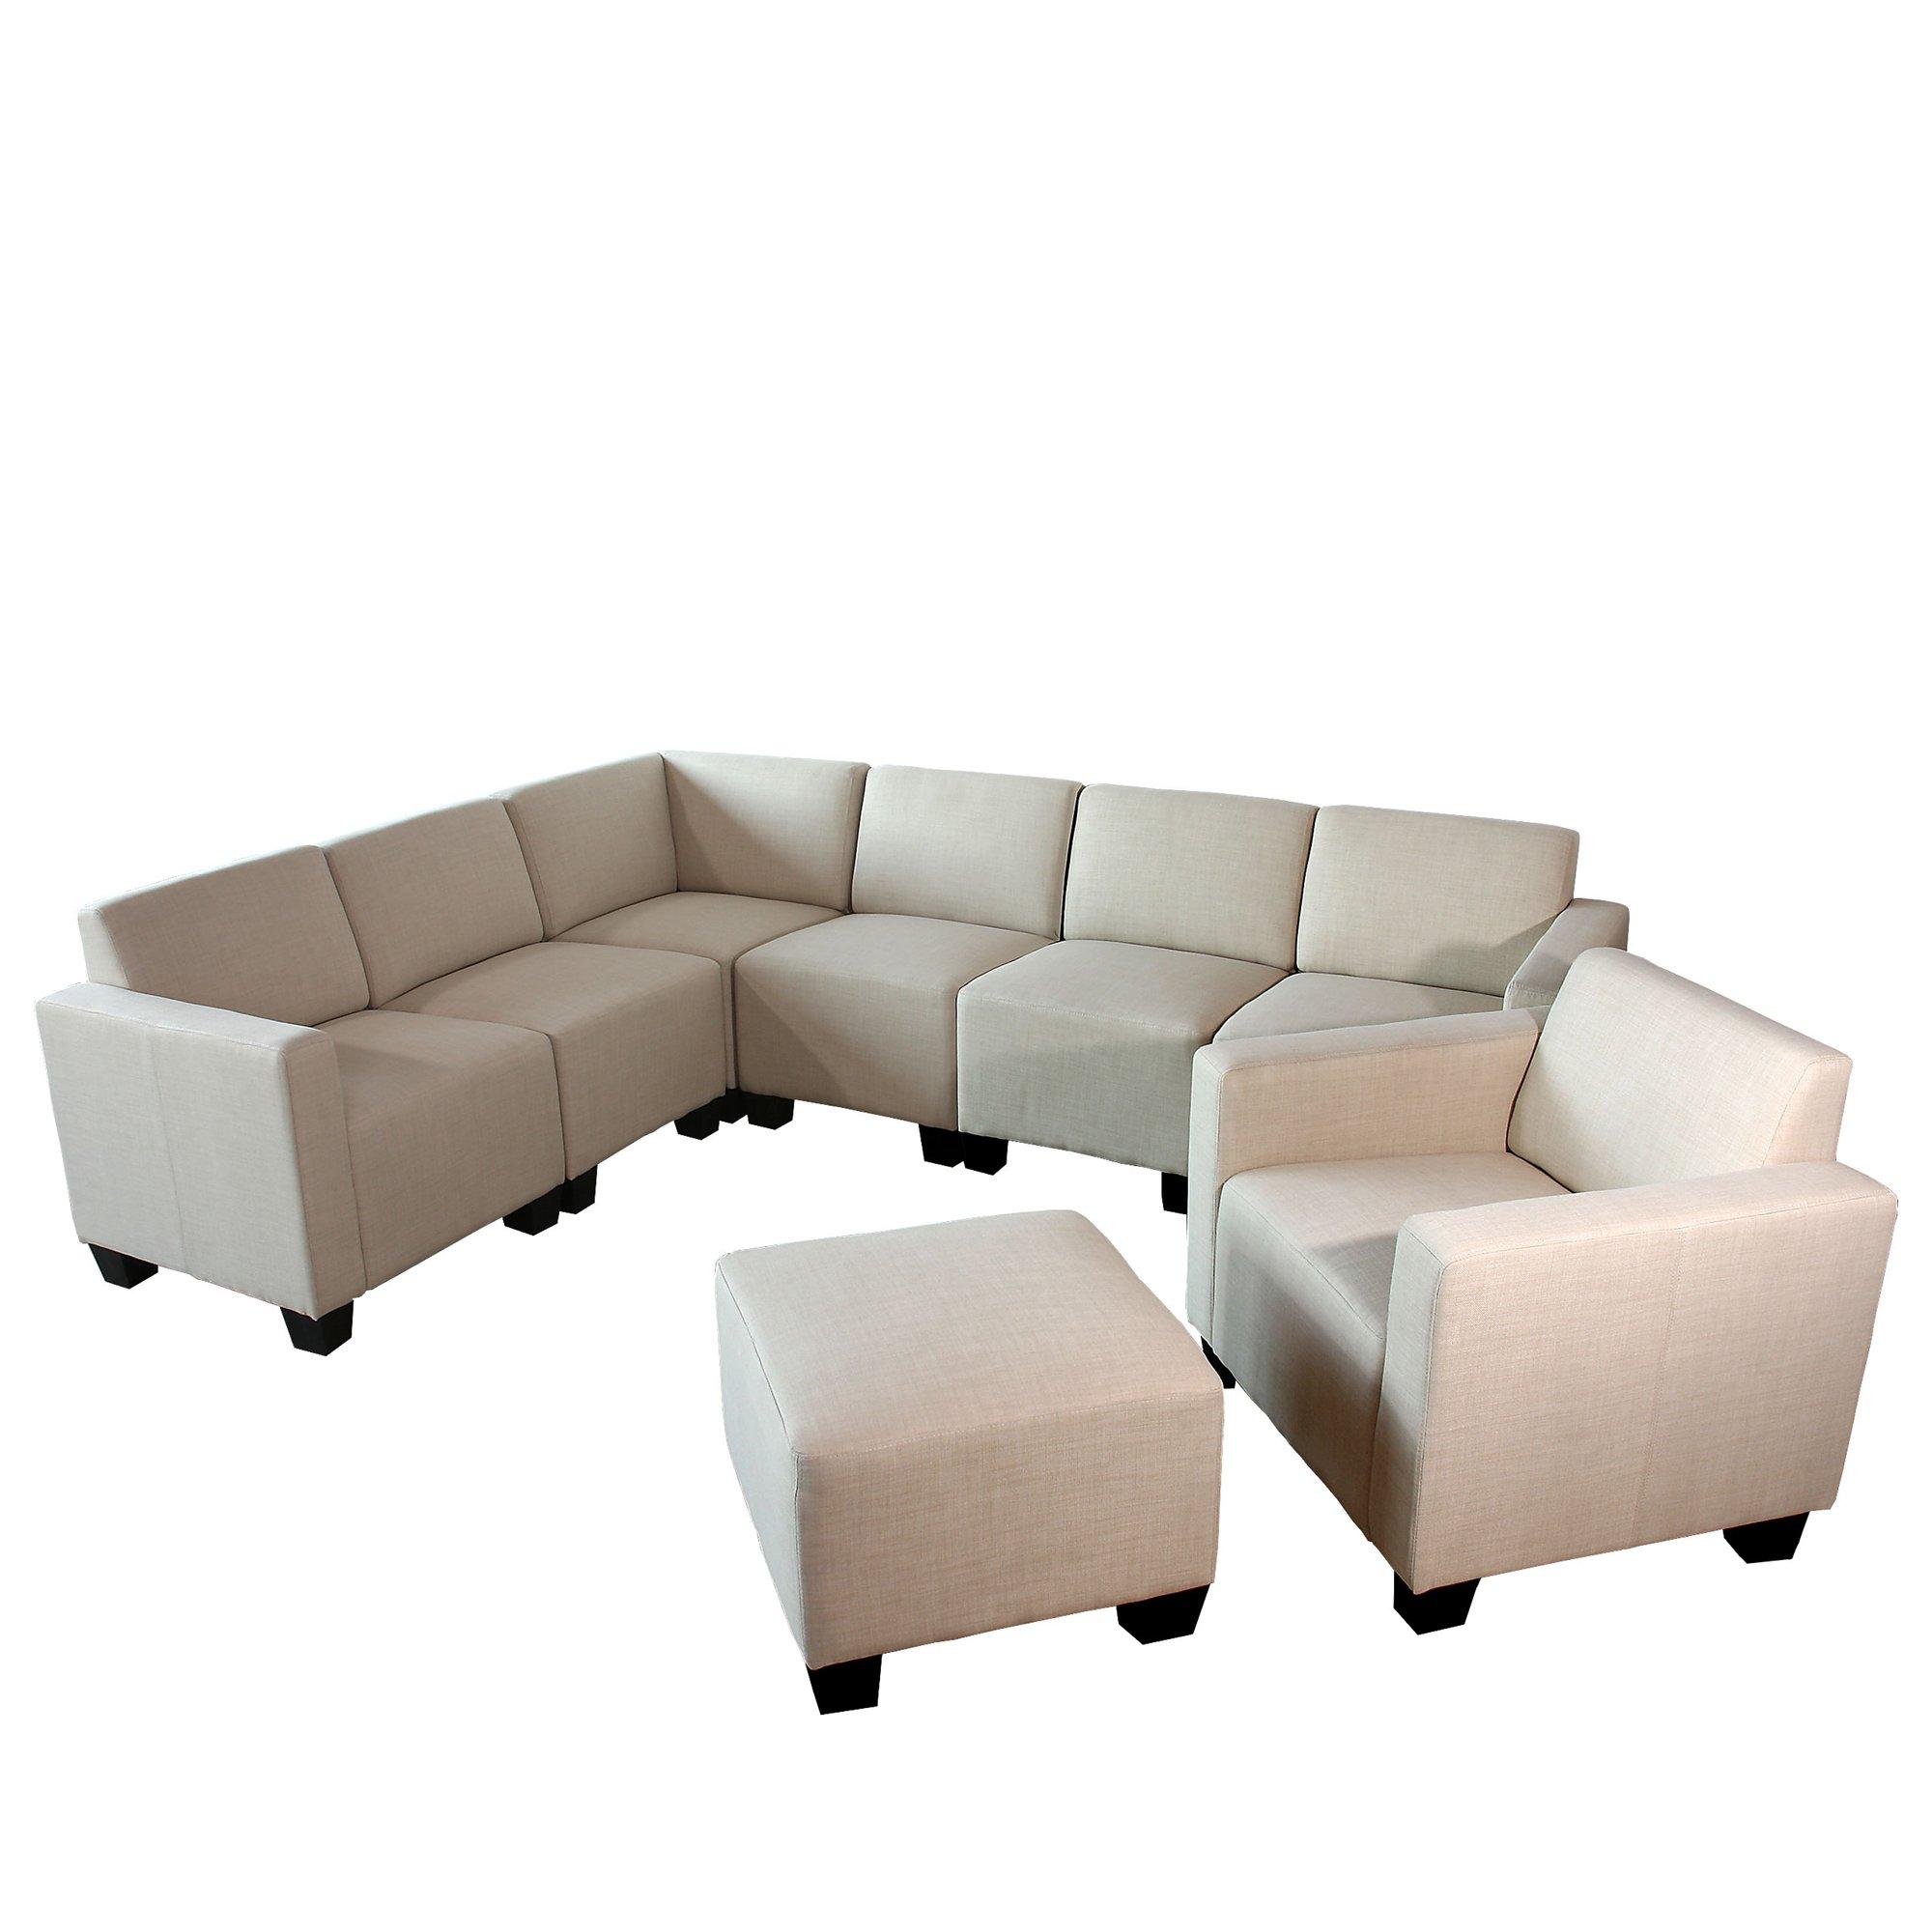 Sofa Modular LYON en 6 piezas + 1 Sillón auxiliar + Otomano, Gran ...